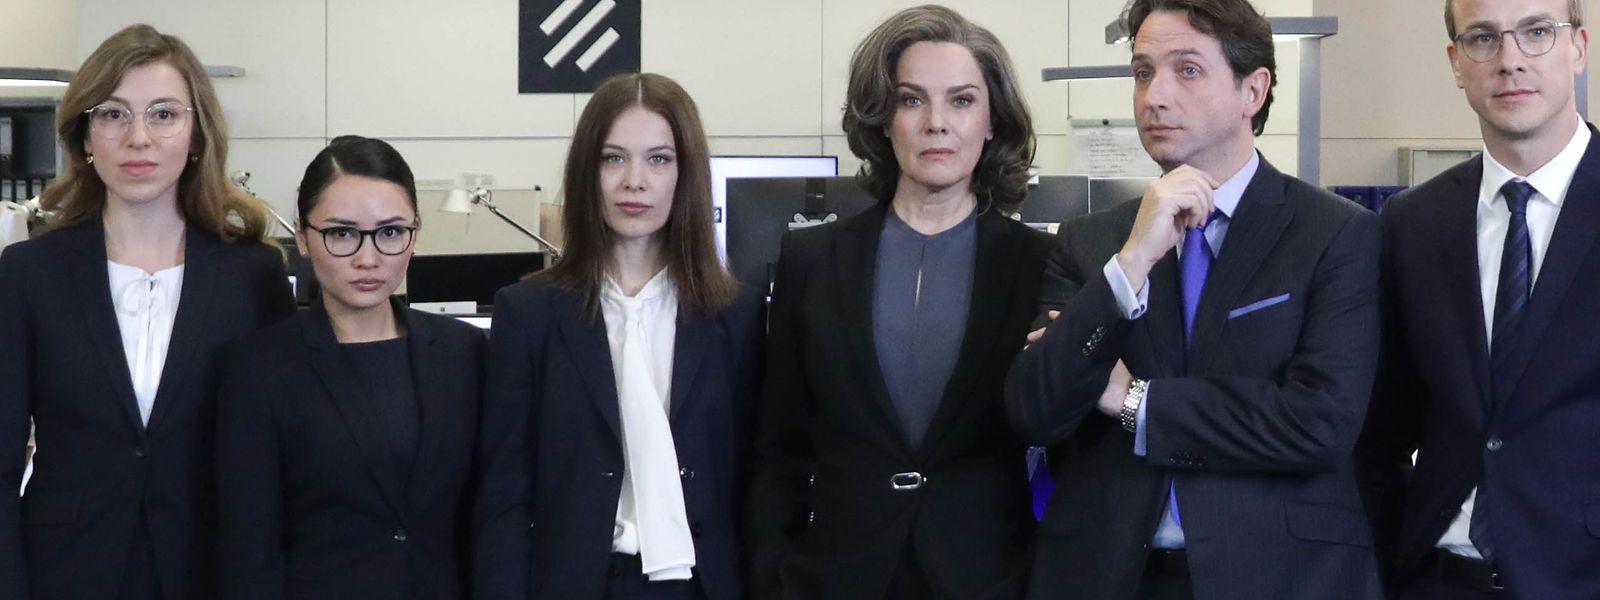 Dunkle Anzüge, finstere Mienen: Larisa Faber, Mai Duong Kieu, Paula Beer, Désirée Nosbusch, Marc Limpach und Albrecht Schuch (v.l.n.r.).